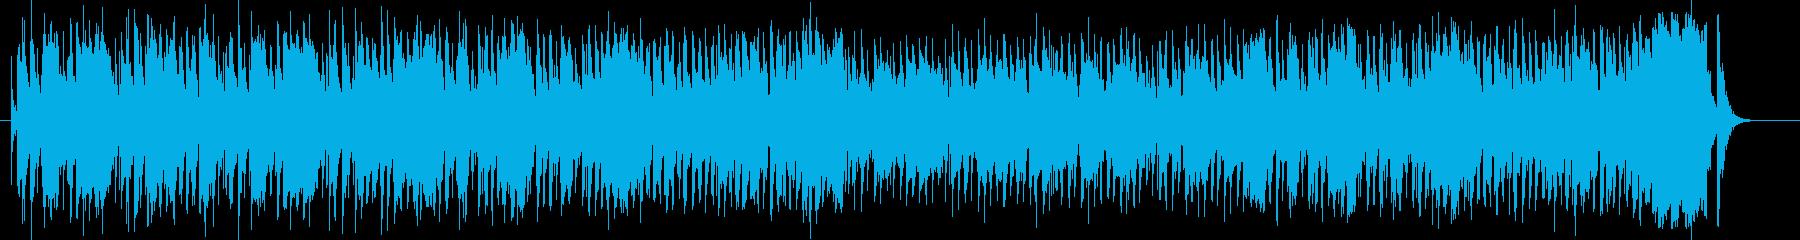 単純明快!軽やかスキップスイングの再生済みの波形